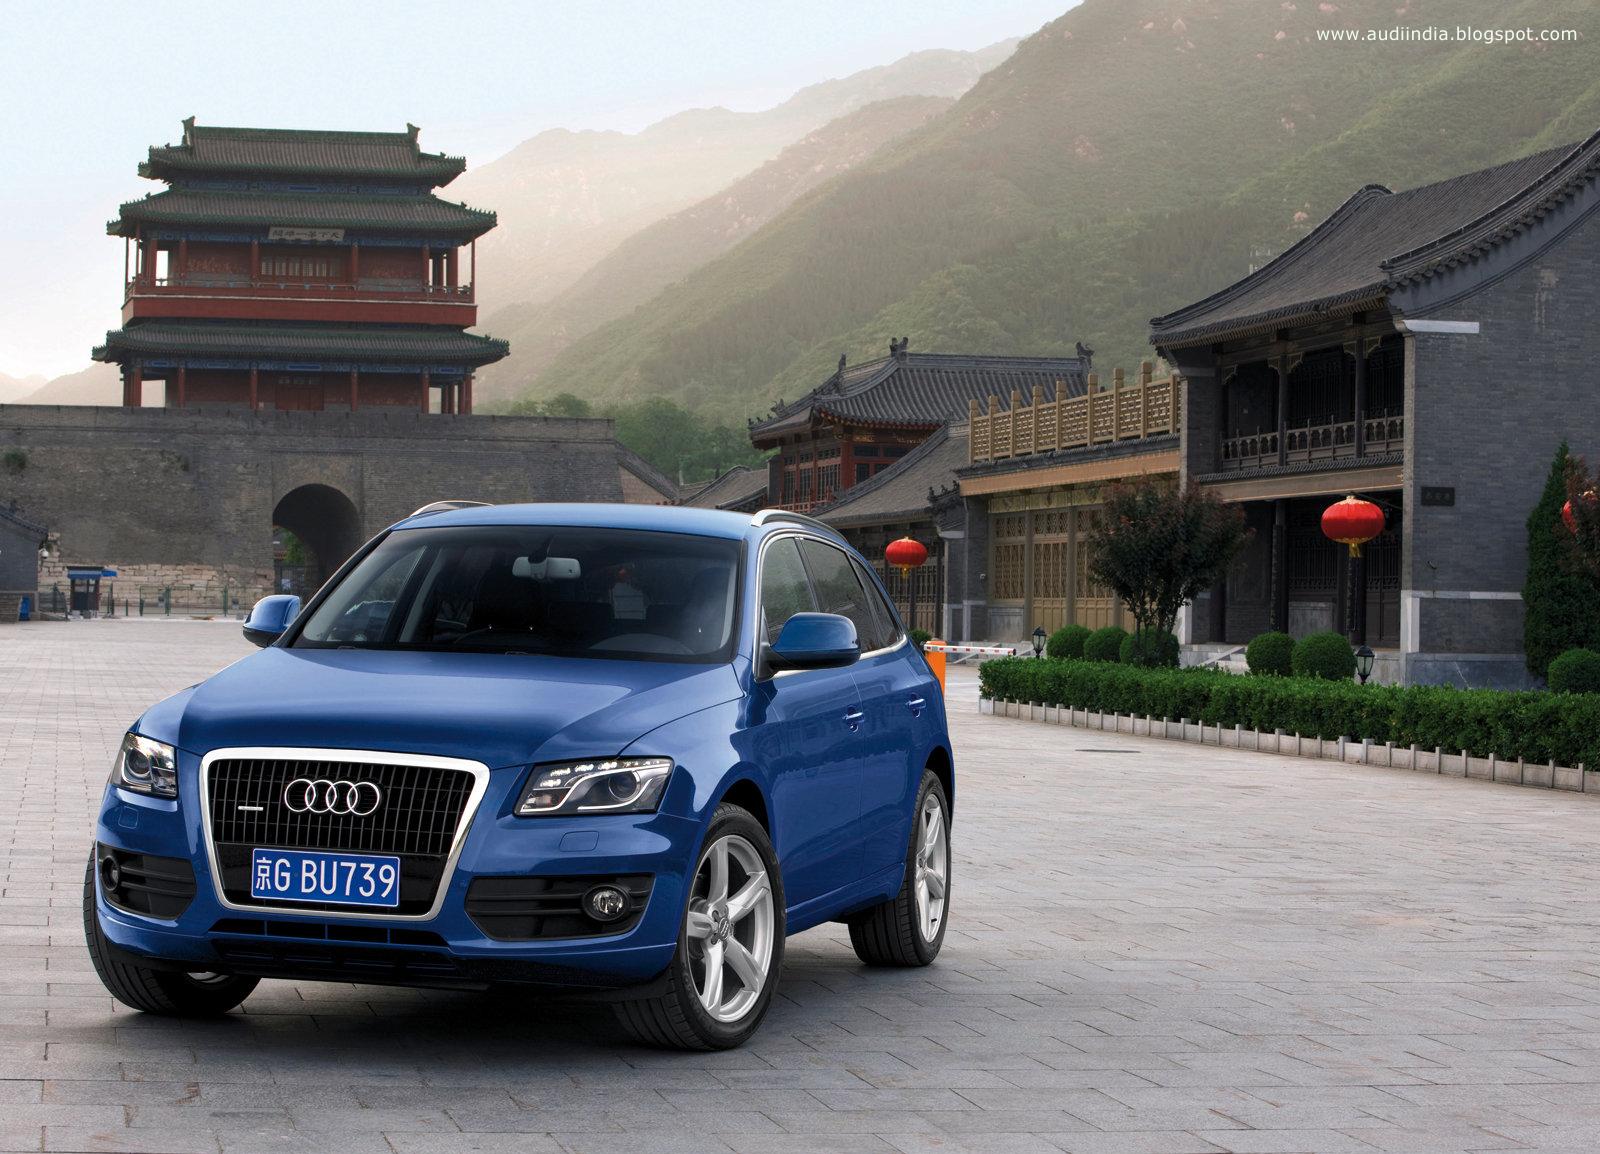 http://1.bp.blogspot.com/-ghYtv8aejPM/Tmg3jRZXA_I/AAAAAAAABLI/u3O7jmcZawQ/s1600/Audi-Q5_2009_1600x1200_wallpaper_19+copy.jpg